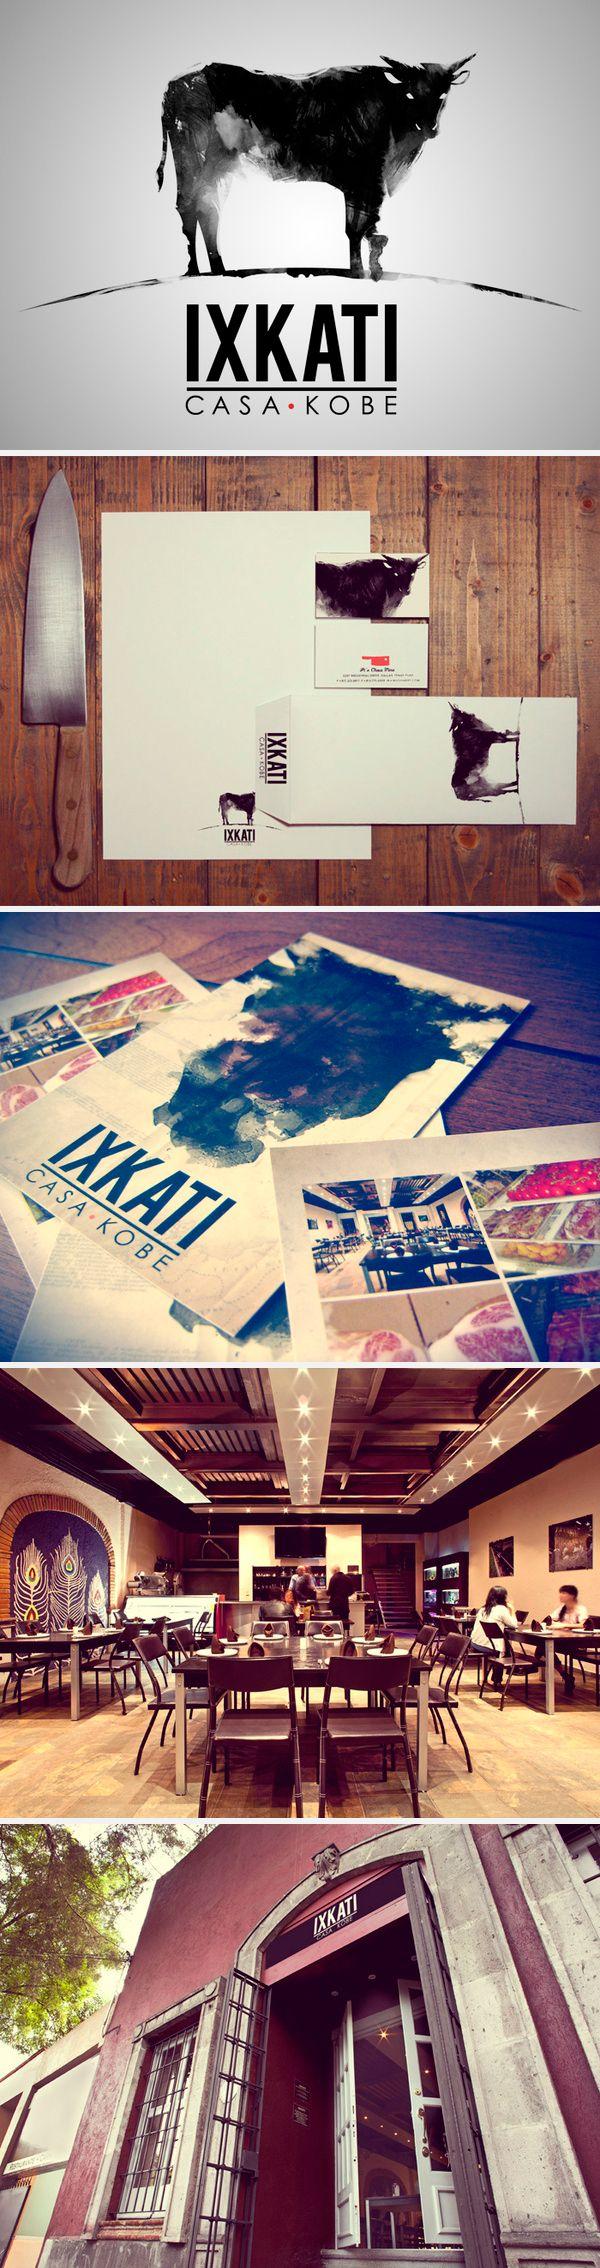 identity / IXKATI